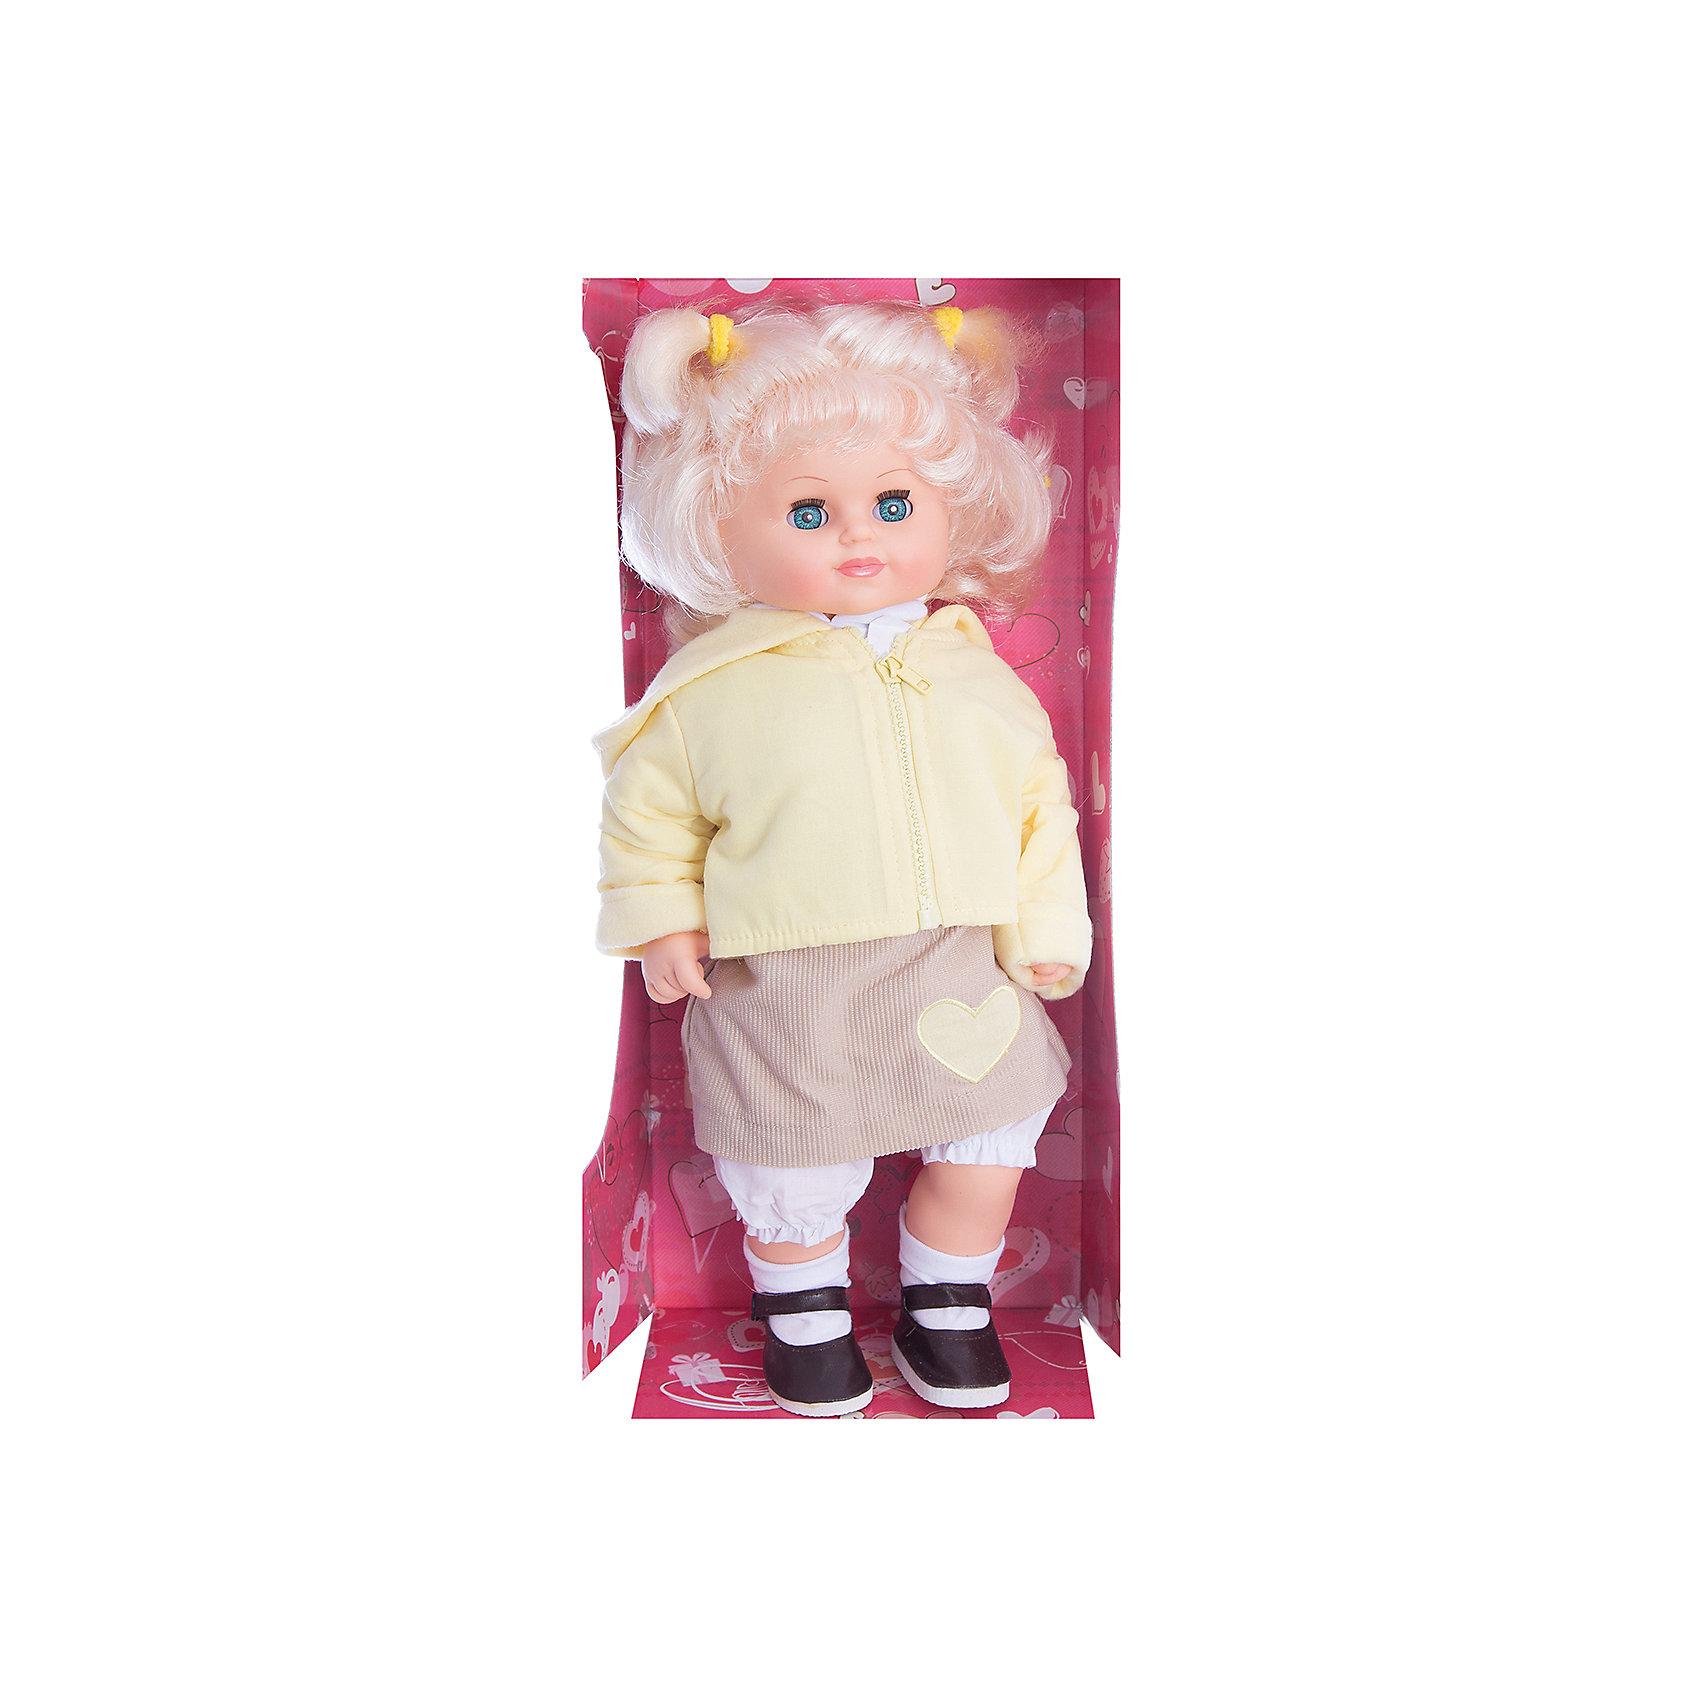 Весна Кукла Соня, со звуком, 47 см, Весна весна милана 5 со звуком в2203 о